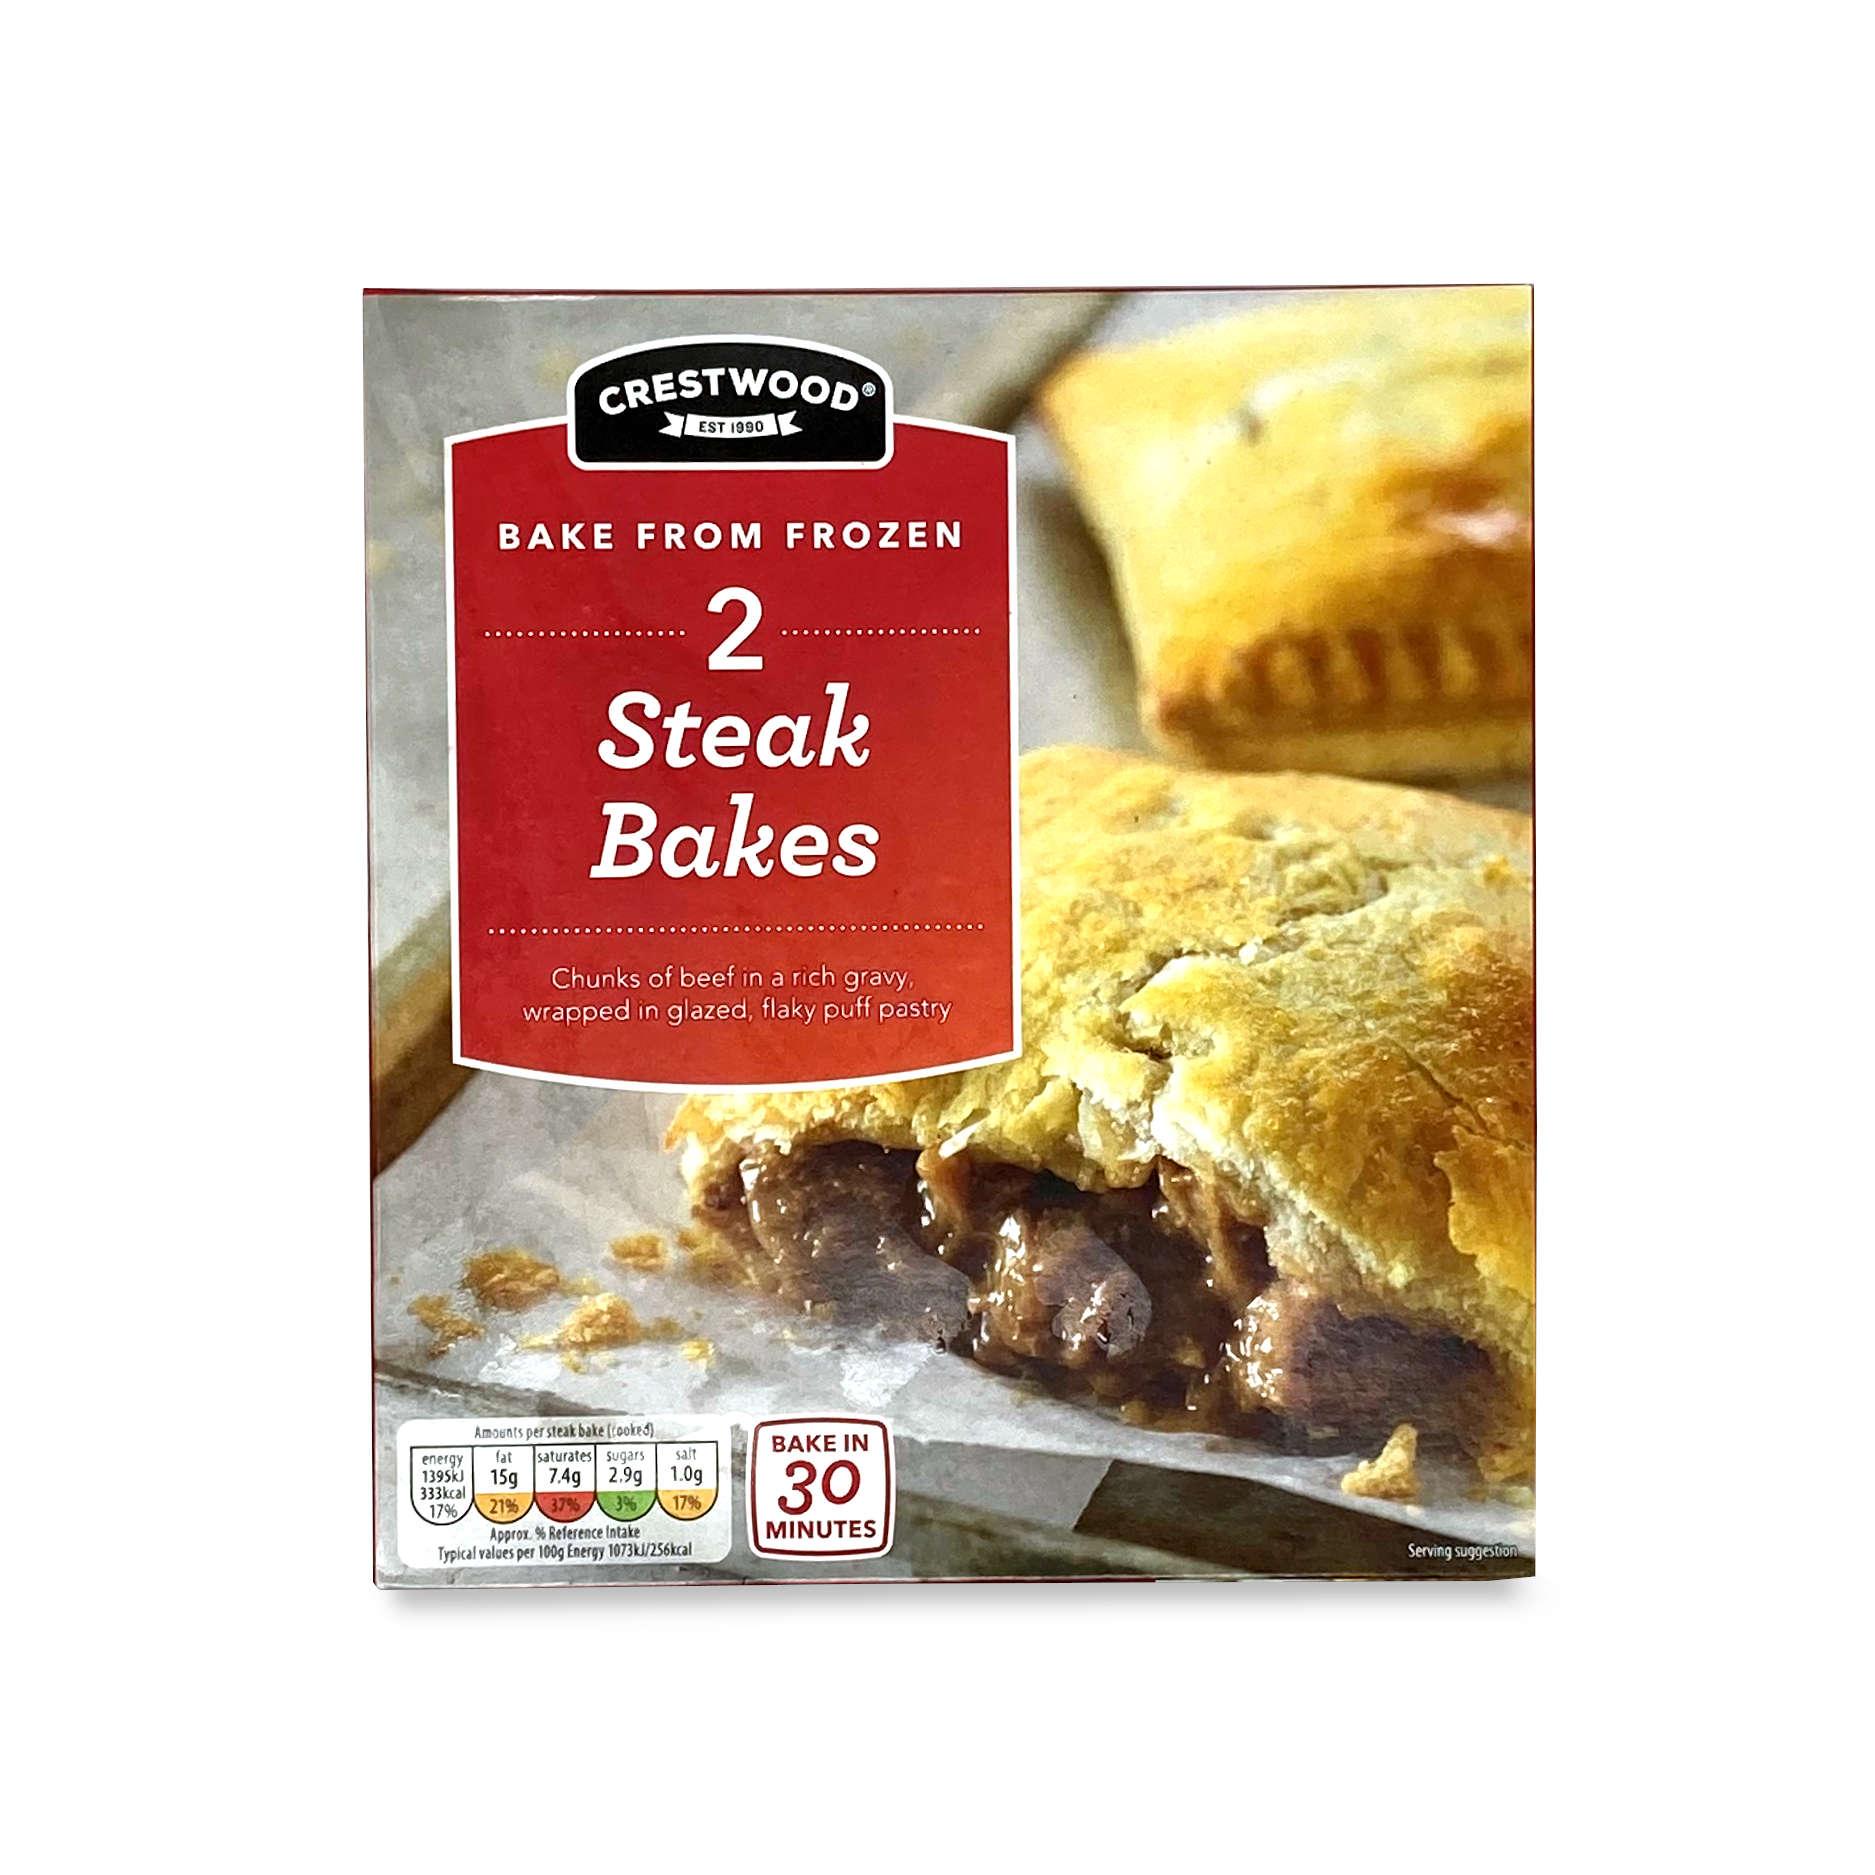 Crestwood 2 Steak Bakes 140g   ALDI